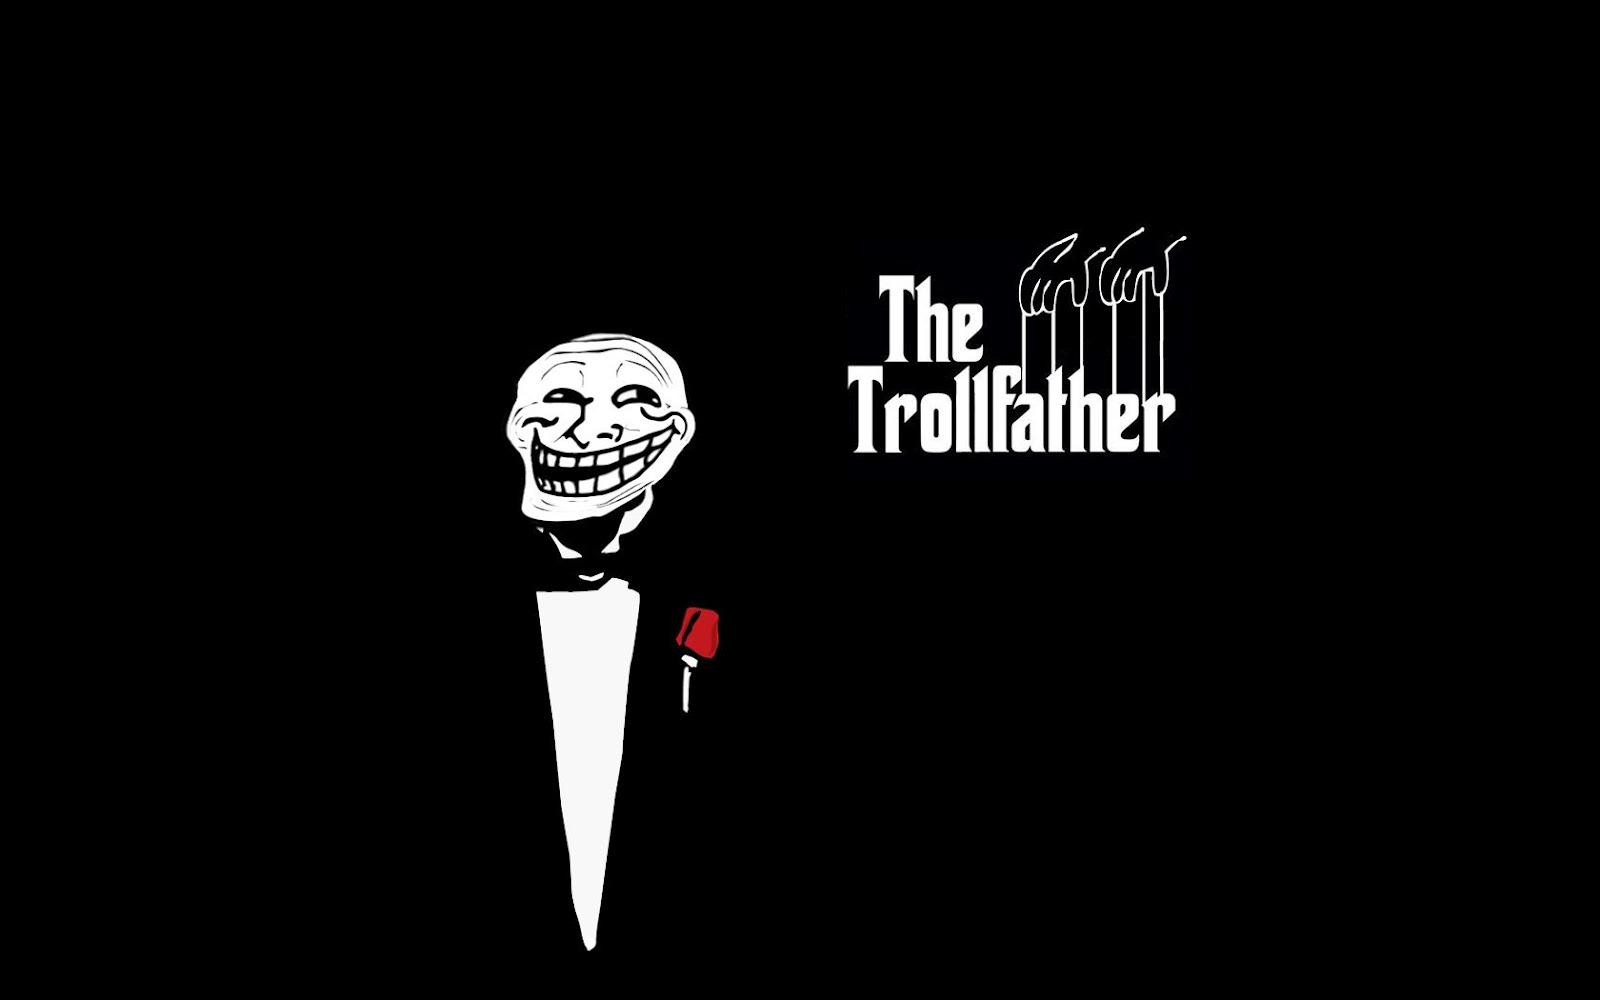 funny trollface meme hd wallpapers hd wallpapers